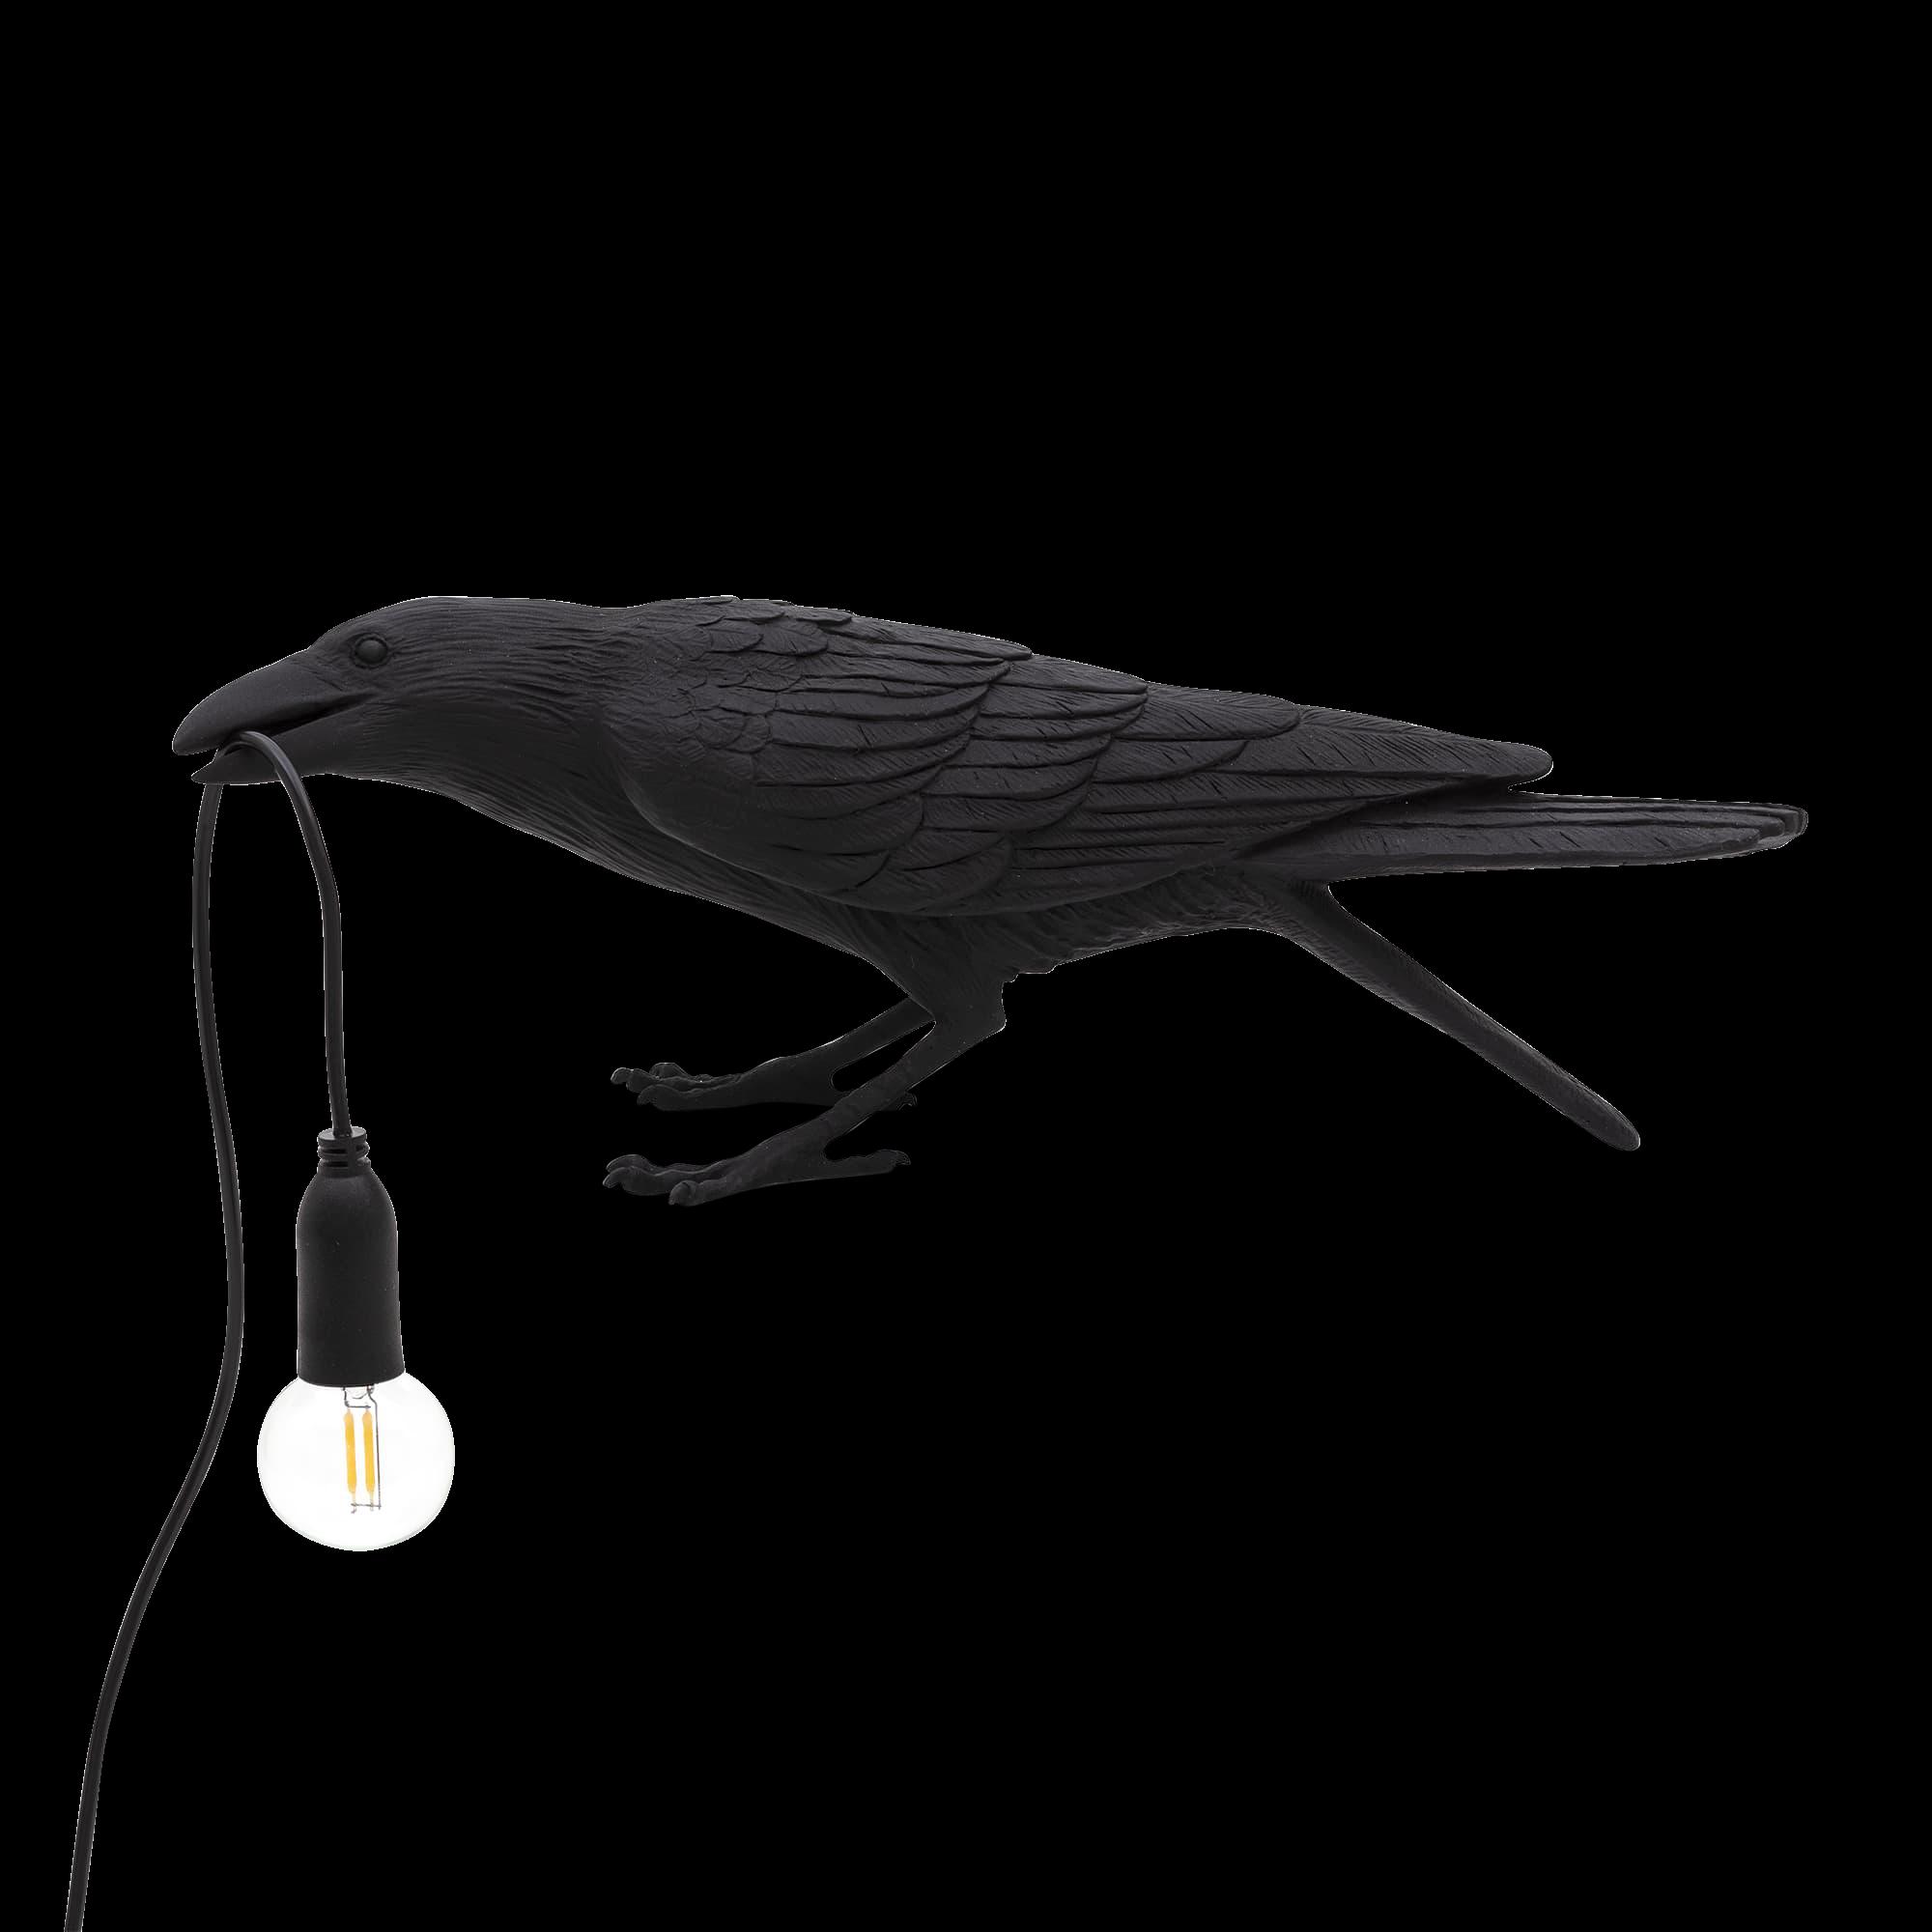 bird-lamp-playing-black-1